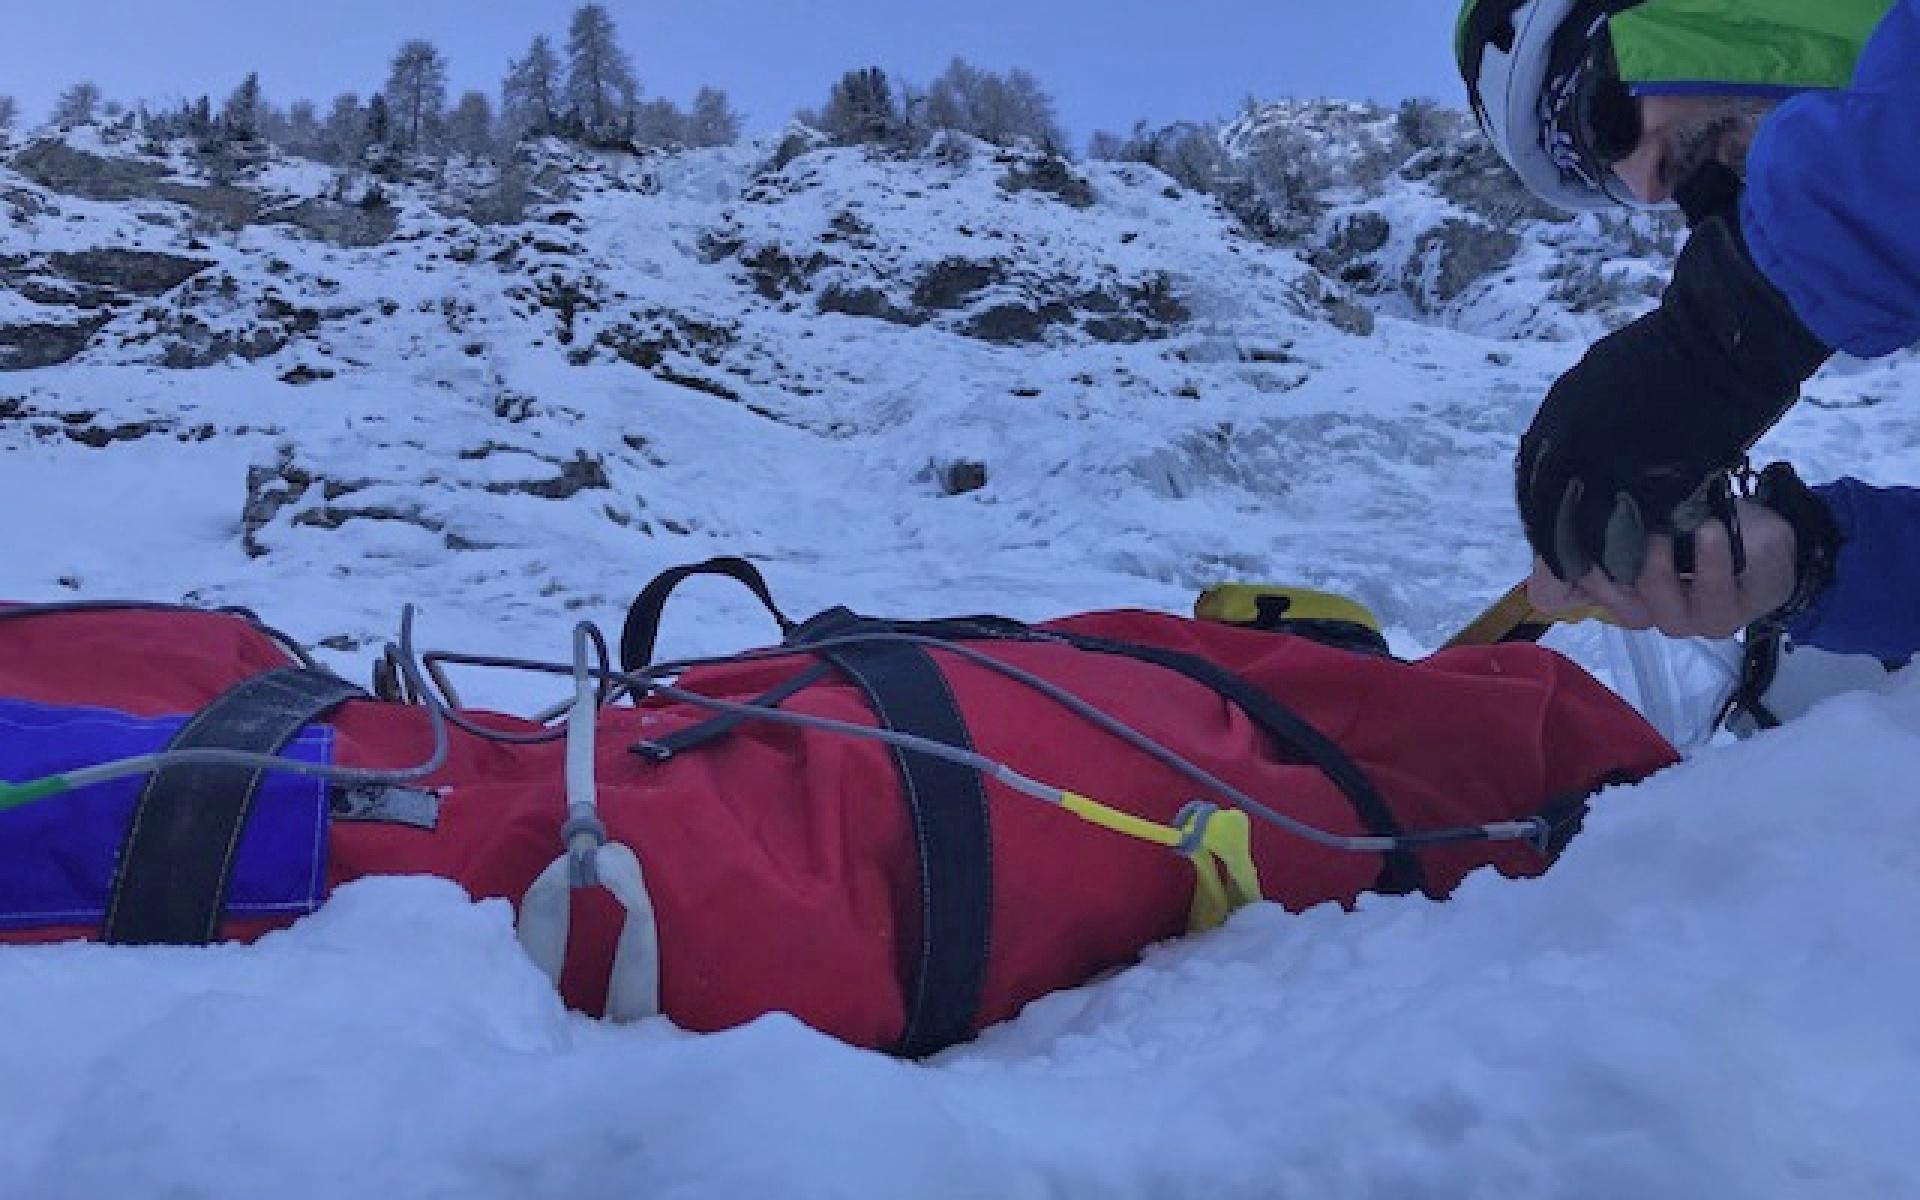 Mit einem Bergesack musste einer der schwerverletzten Eiskletterer vom Fuß des Berghangs gerettet werden.